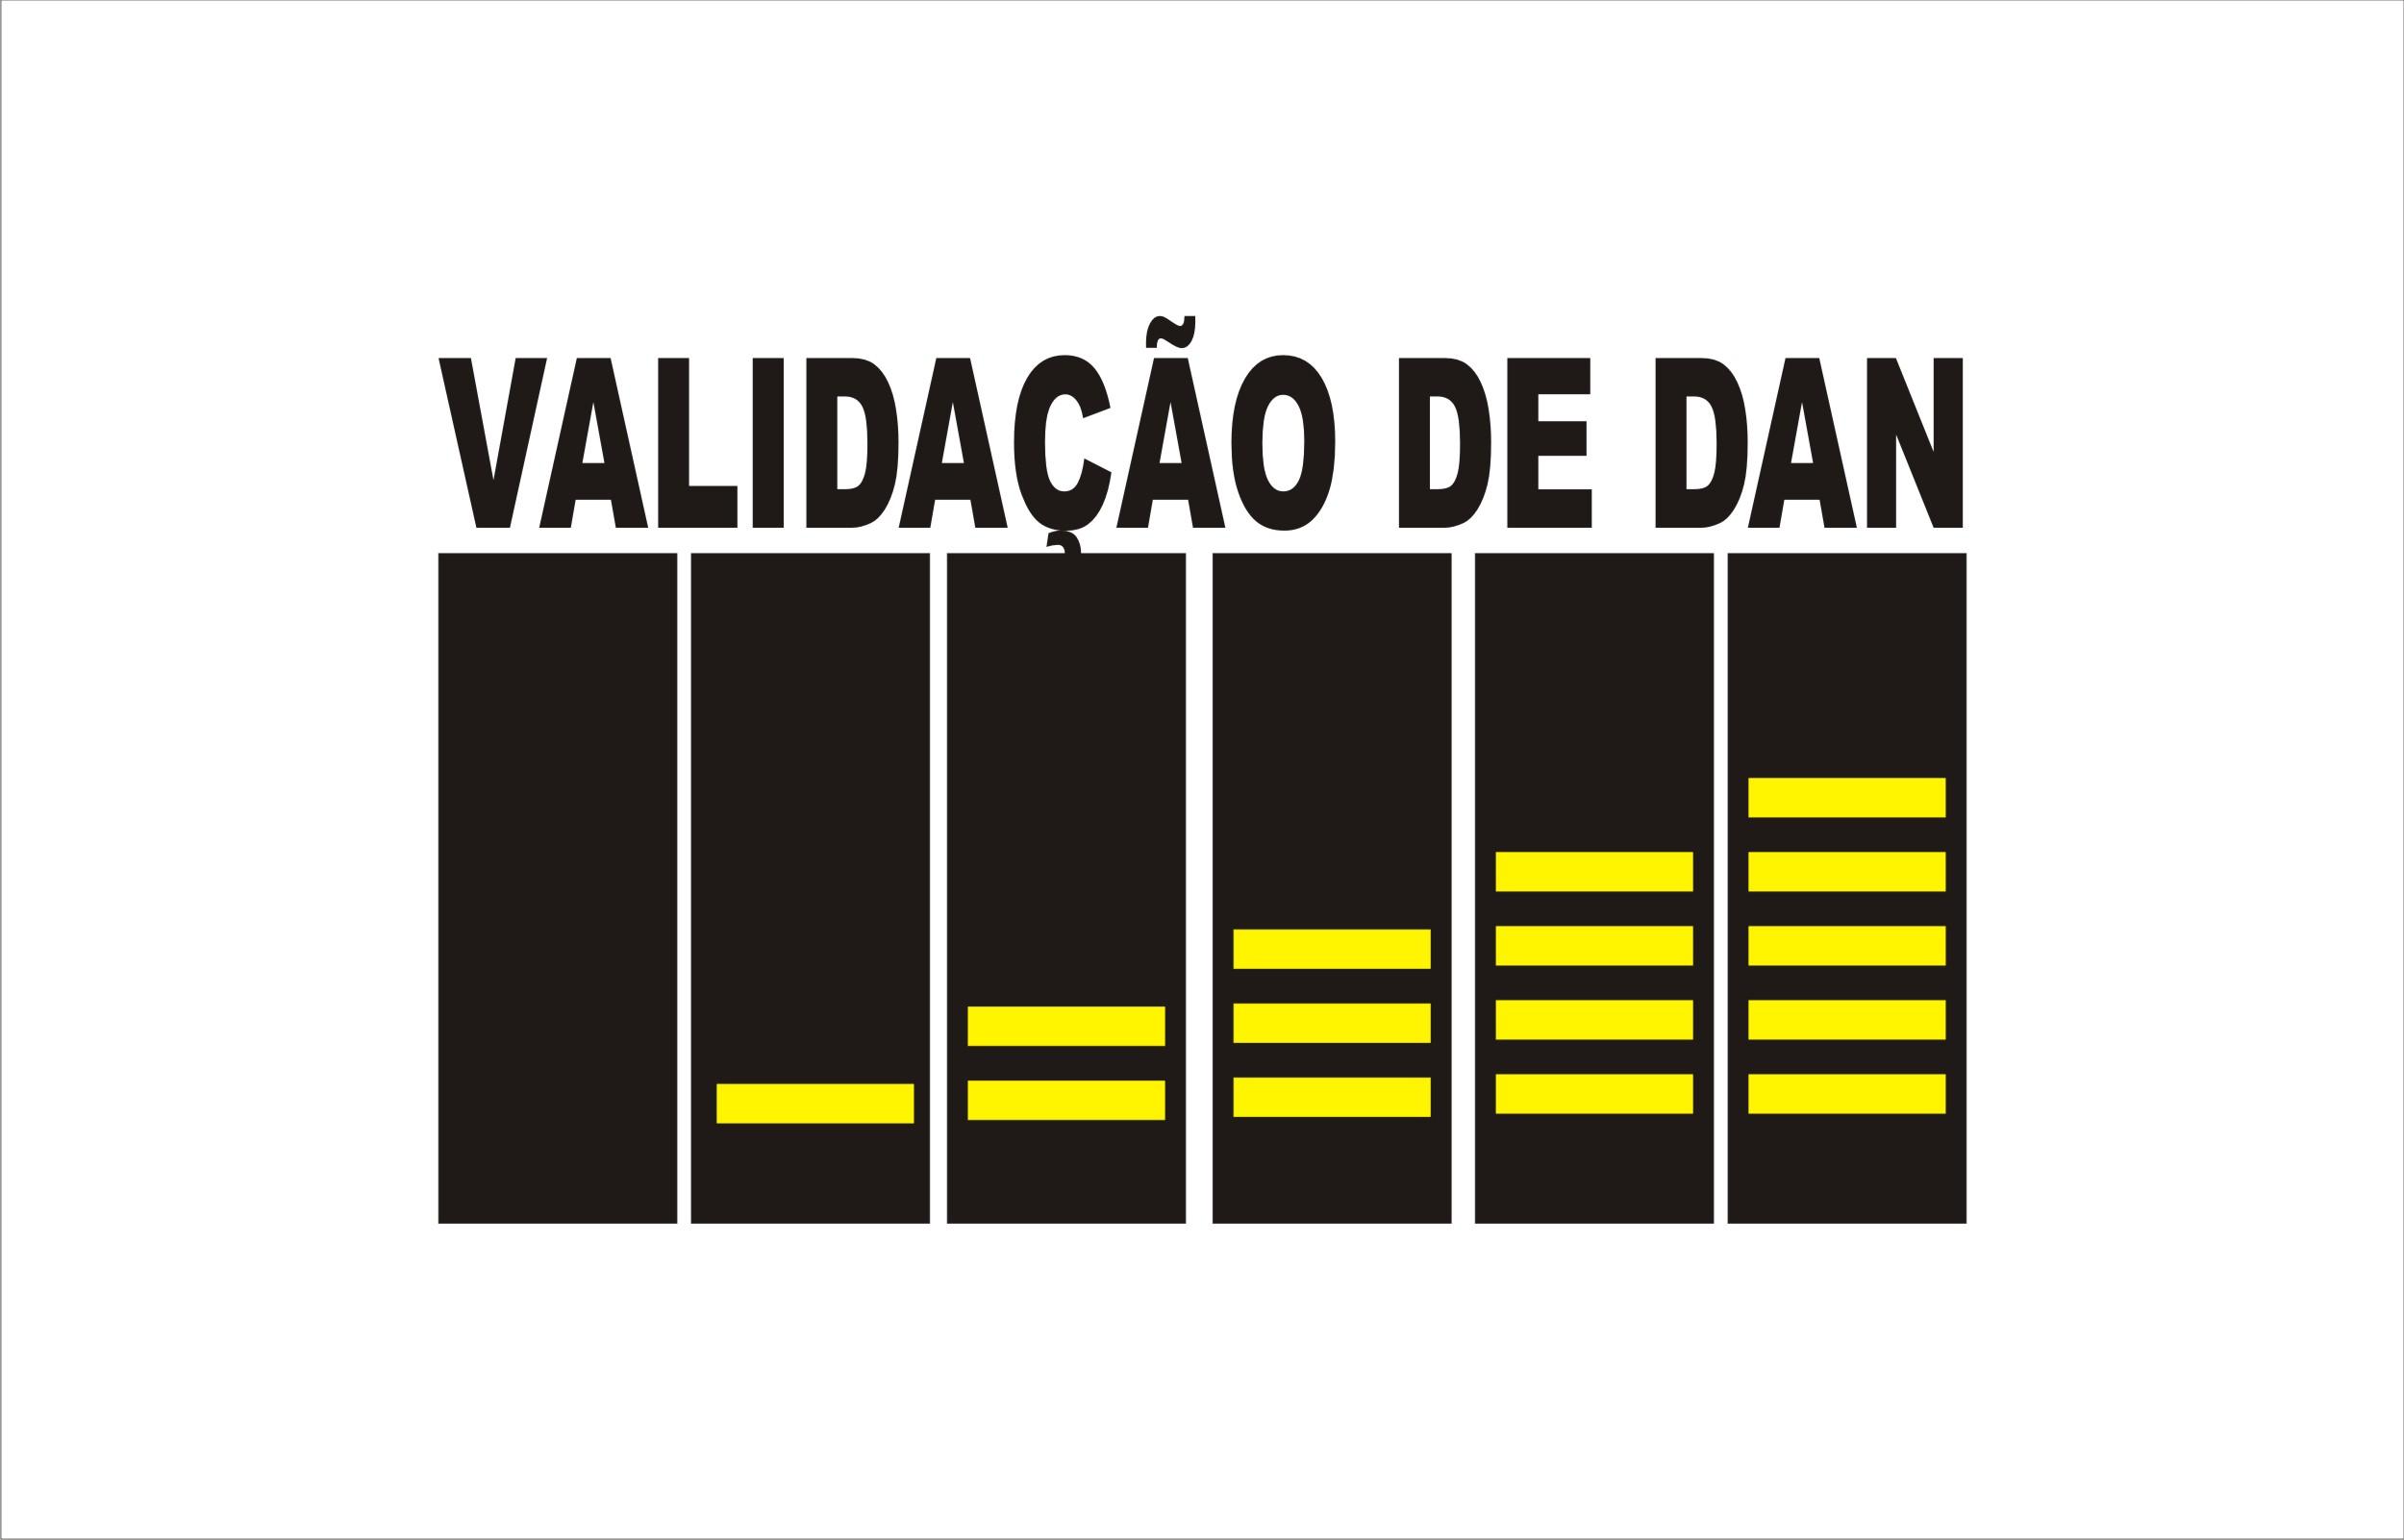 PERÍODO DE 2012 A 2016